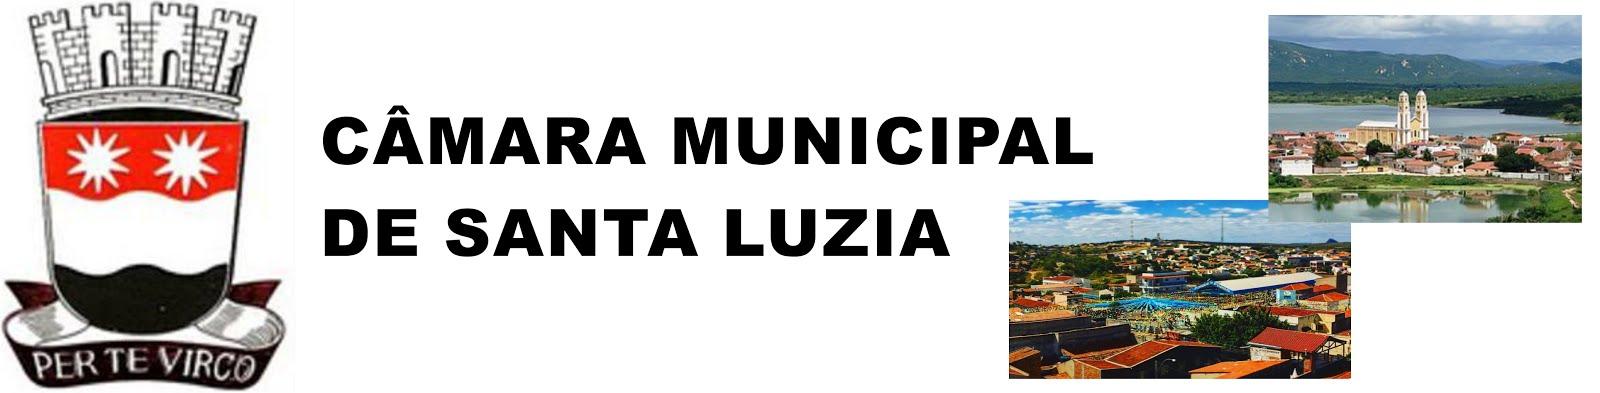 Câmara Municipal de Santa Luzia - PB